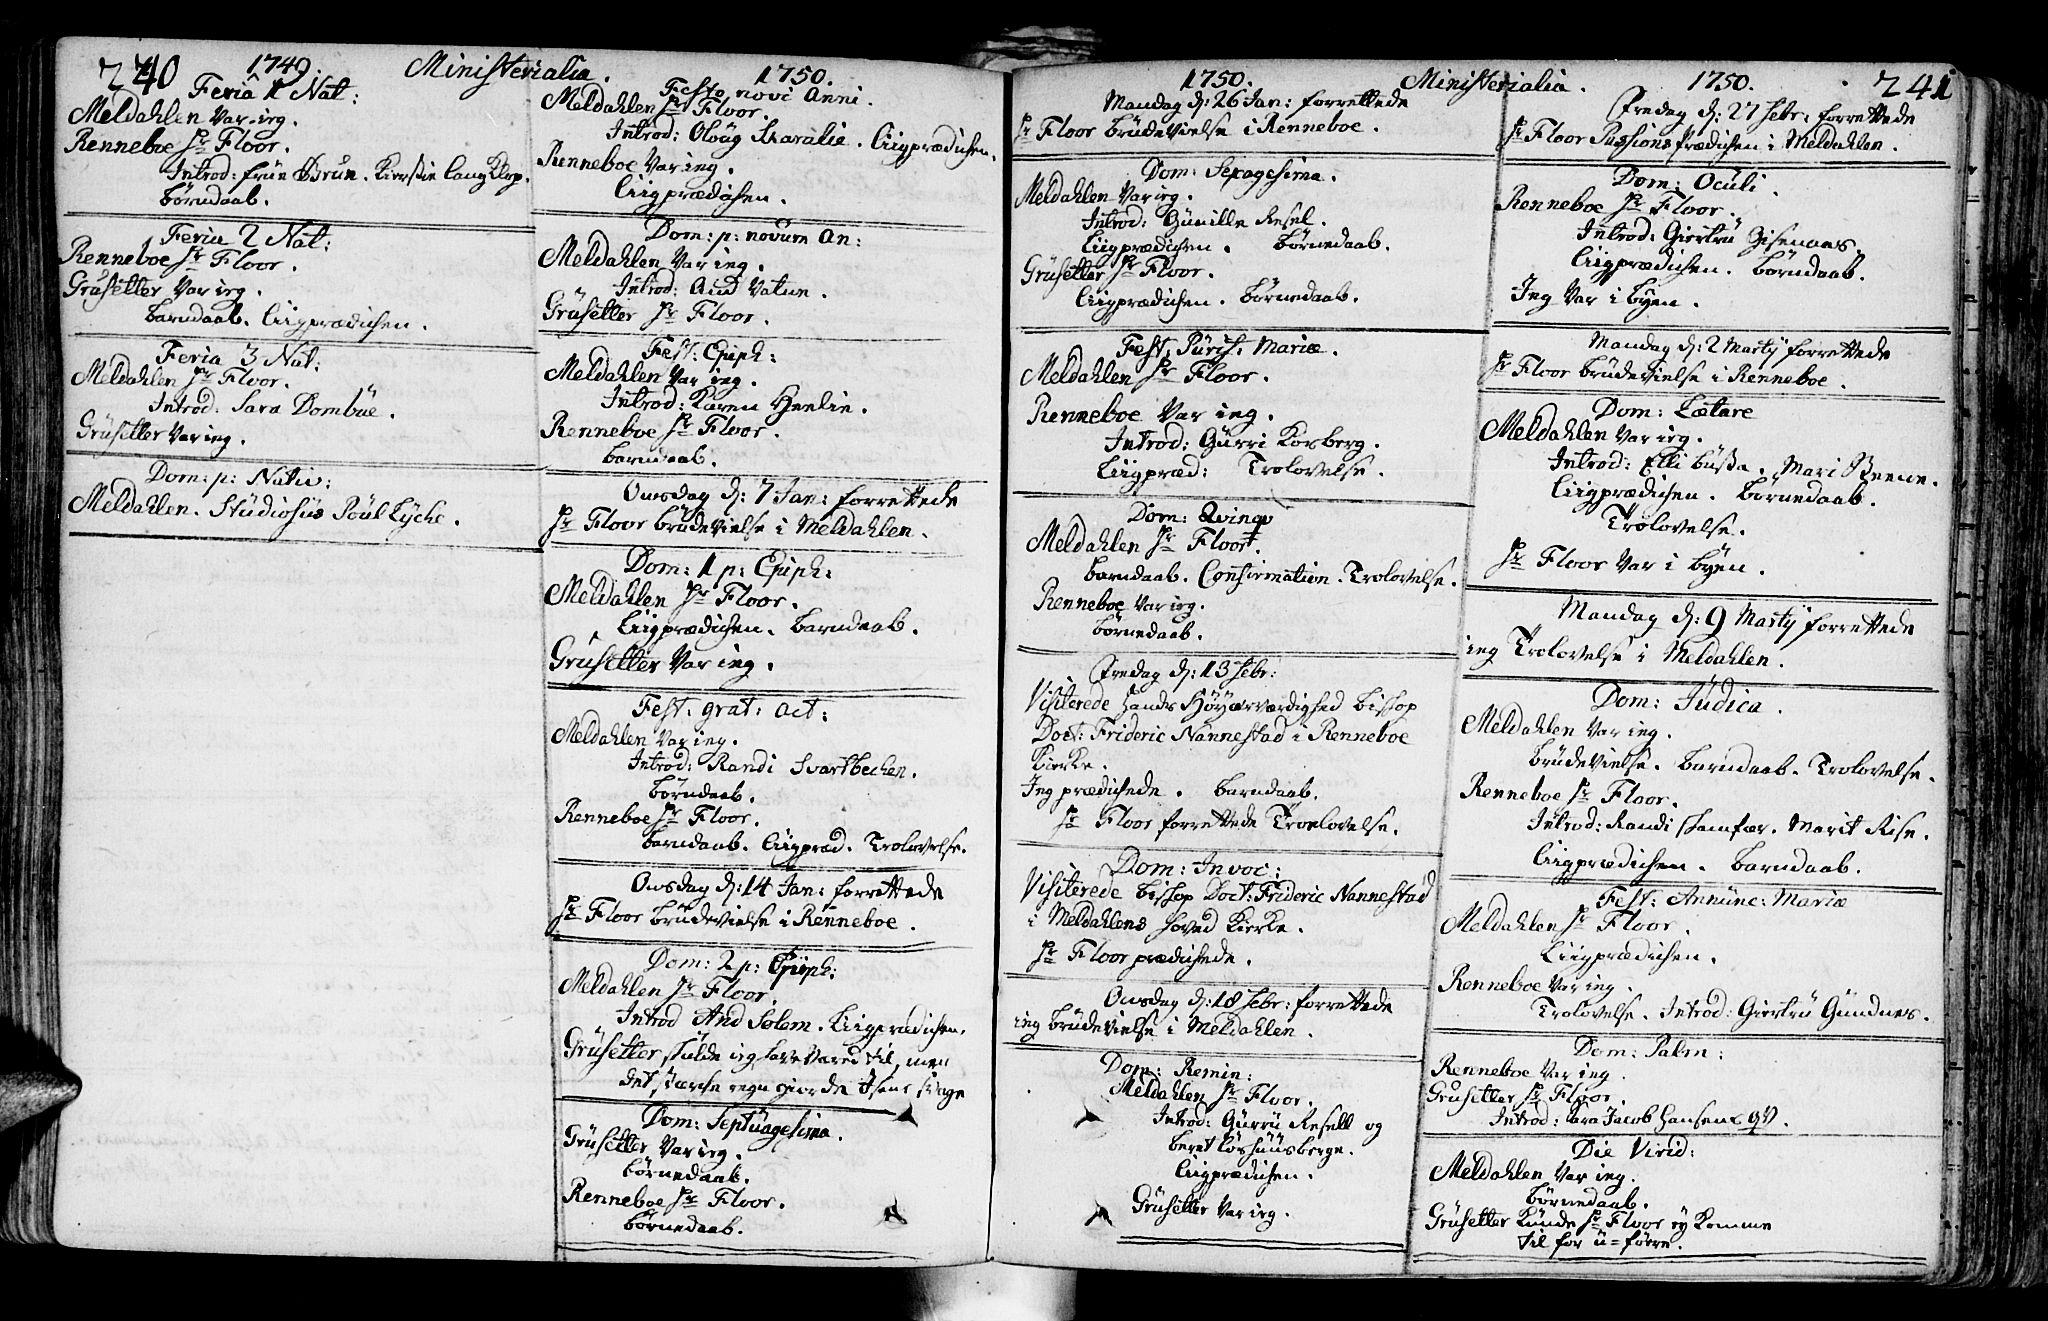 SAT, Ministerialprotokoller, klokkerbøker og fødselsregistre - Sør-Trøndelag, 672/L0850: Ministerialbok nr. 672A03, 1725-1751, s. 240-241